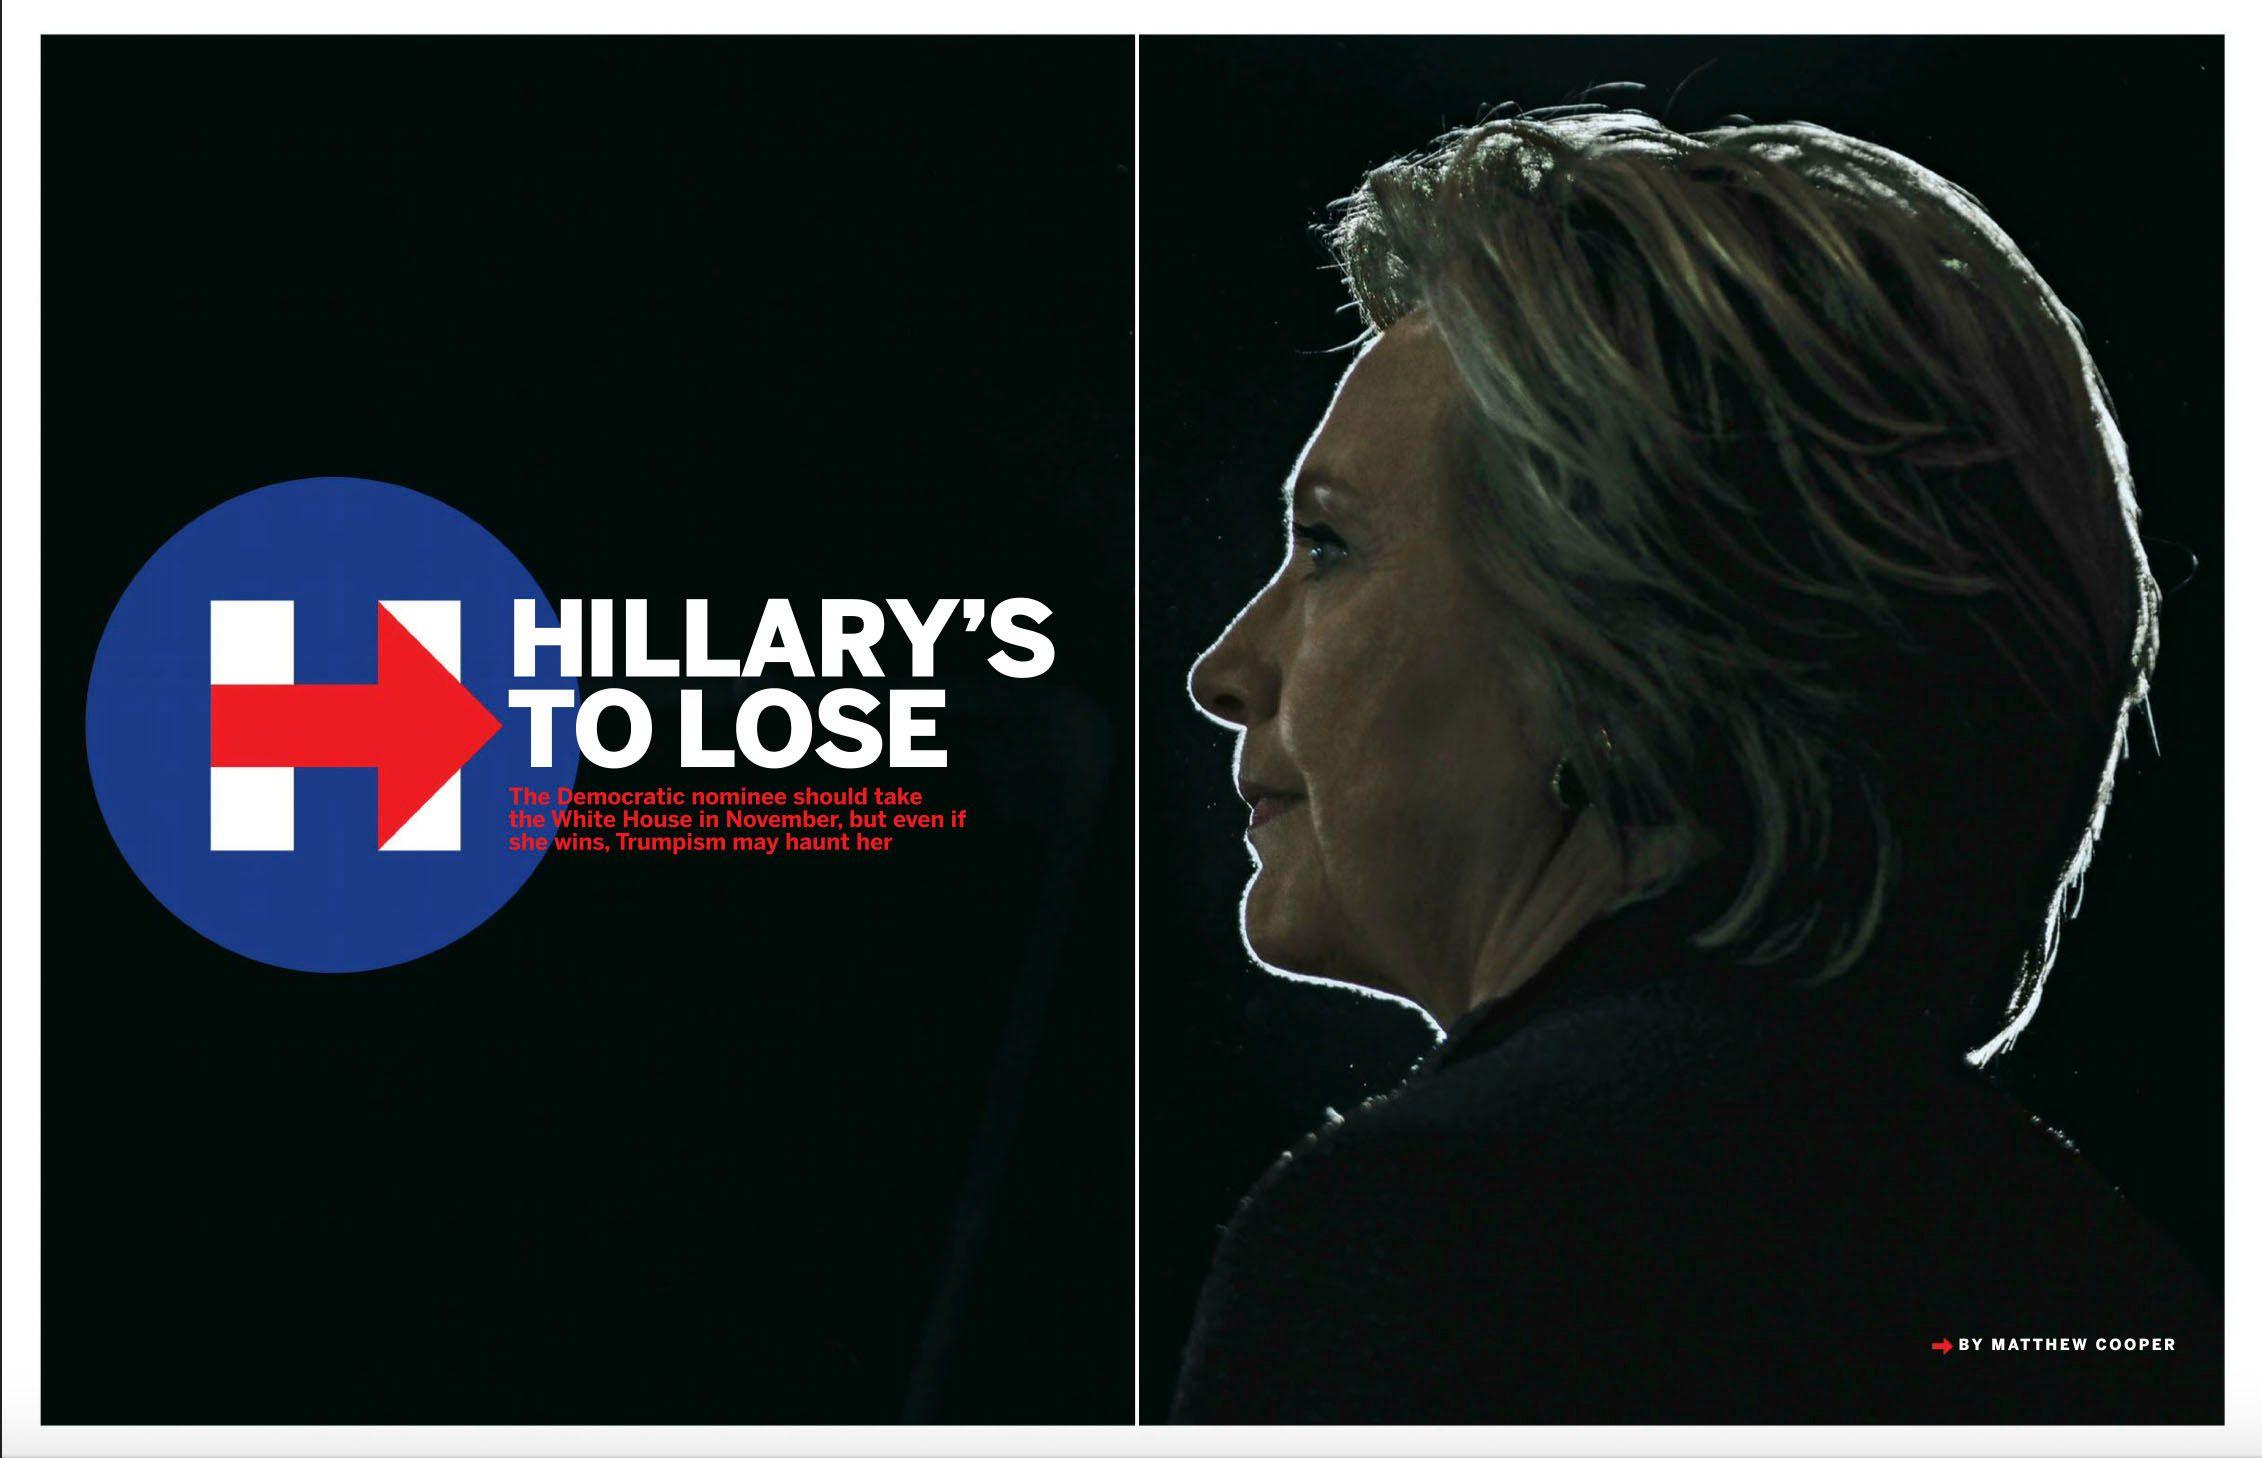 HillaryNewsweekWeb.jpg